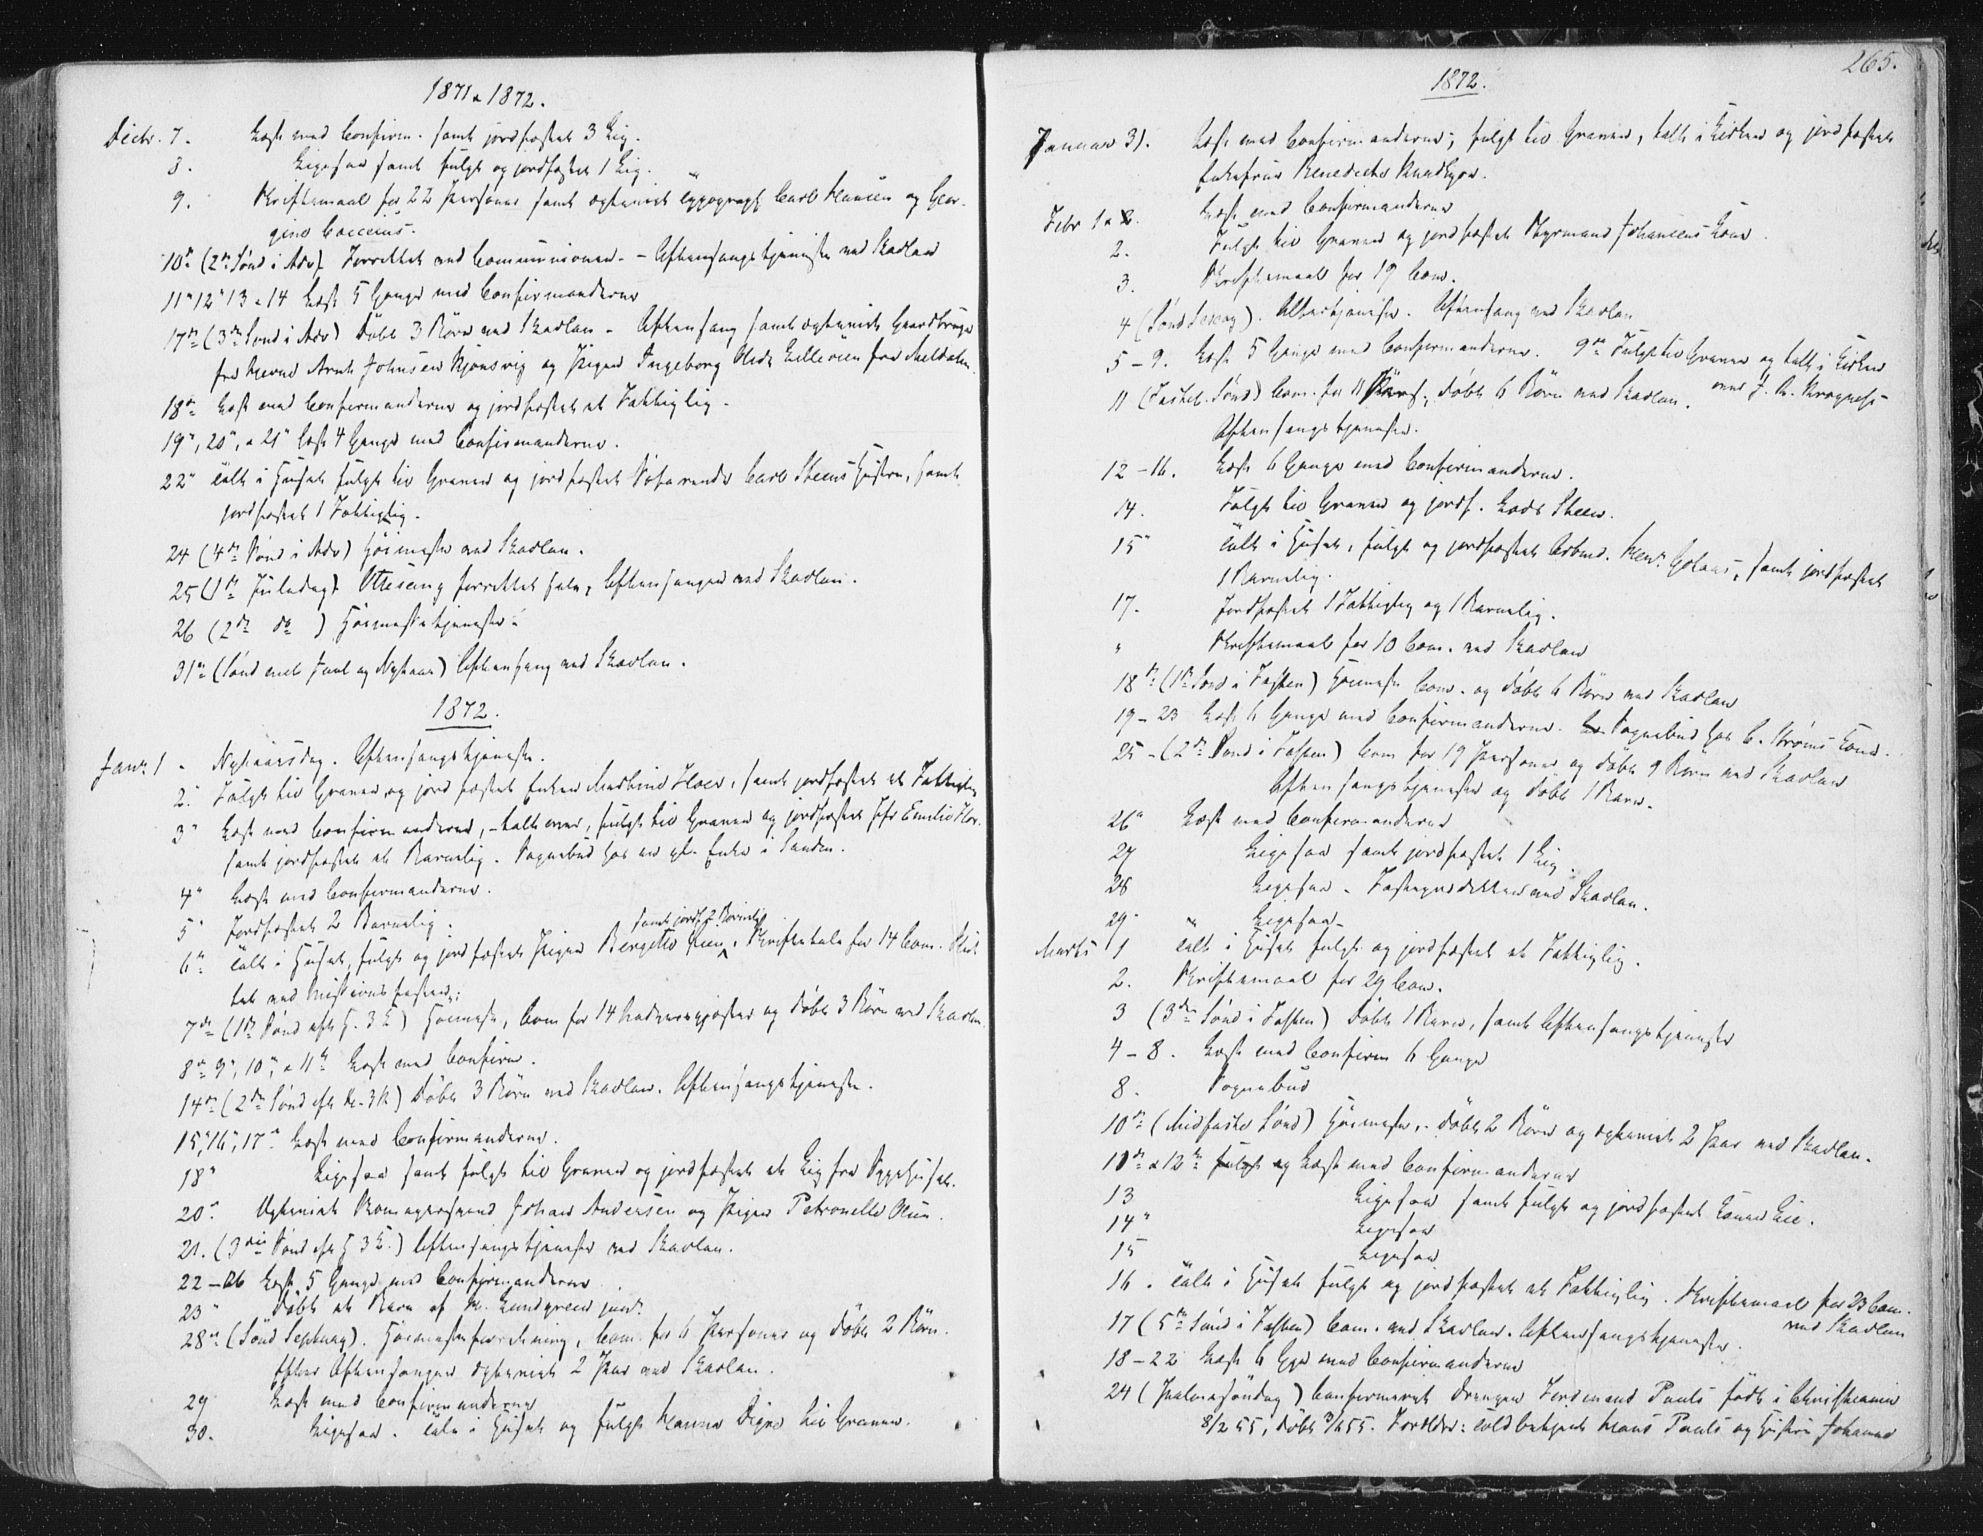 SAT, Ministerialprotokoller, klokkerbøker og fødselsregistre - Sør-Trøndelag, 602/L0127: Residerende kapellans bok nr. 602B01, 1821-1875, s. 265